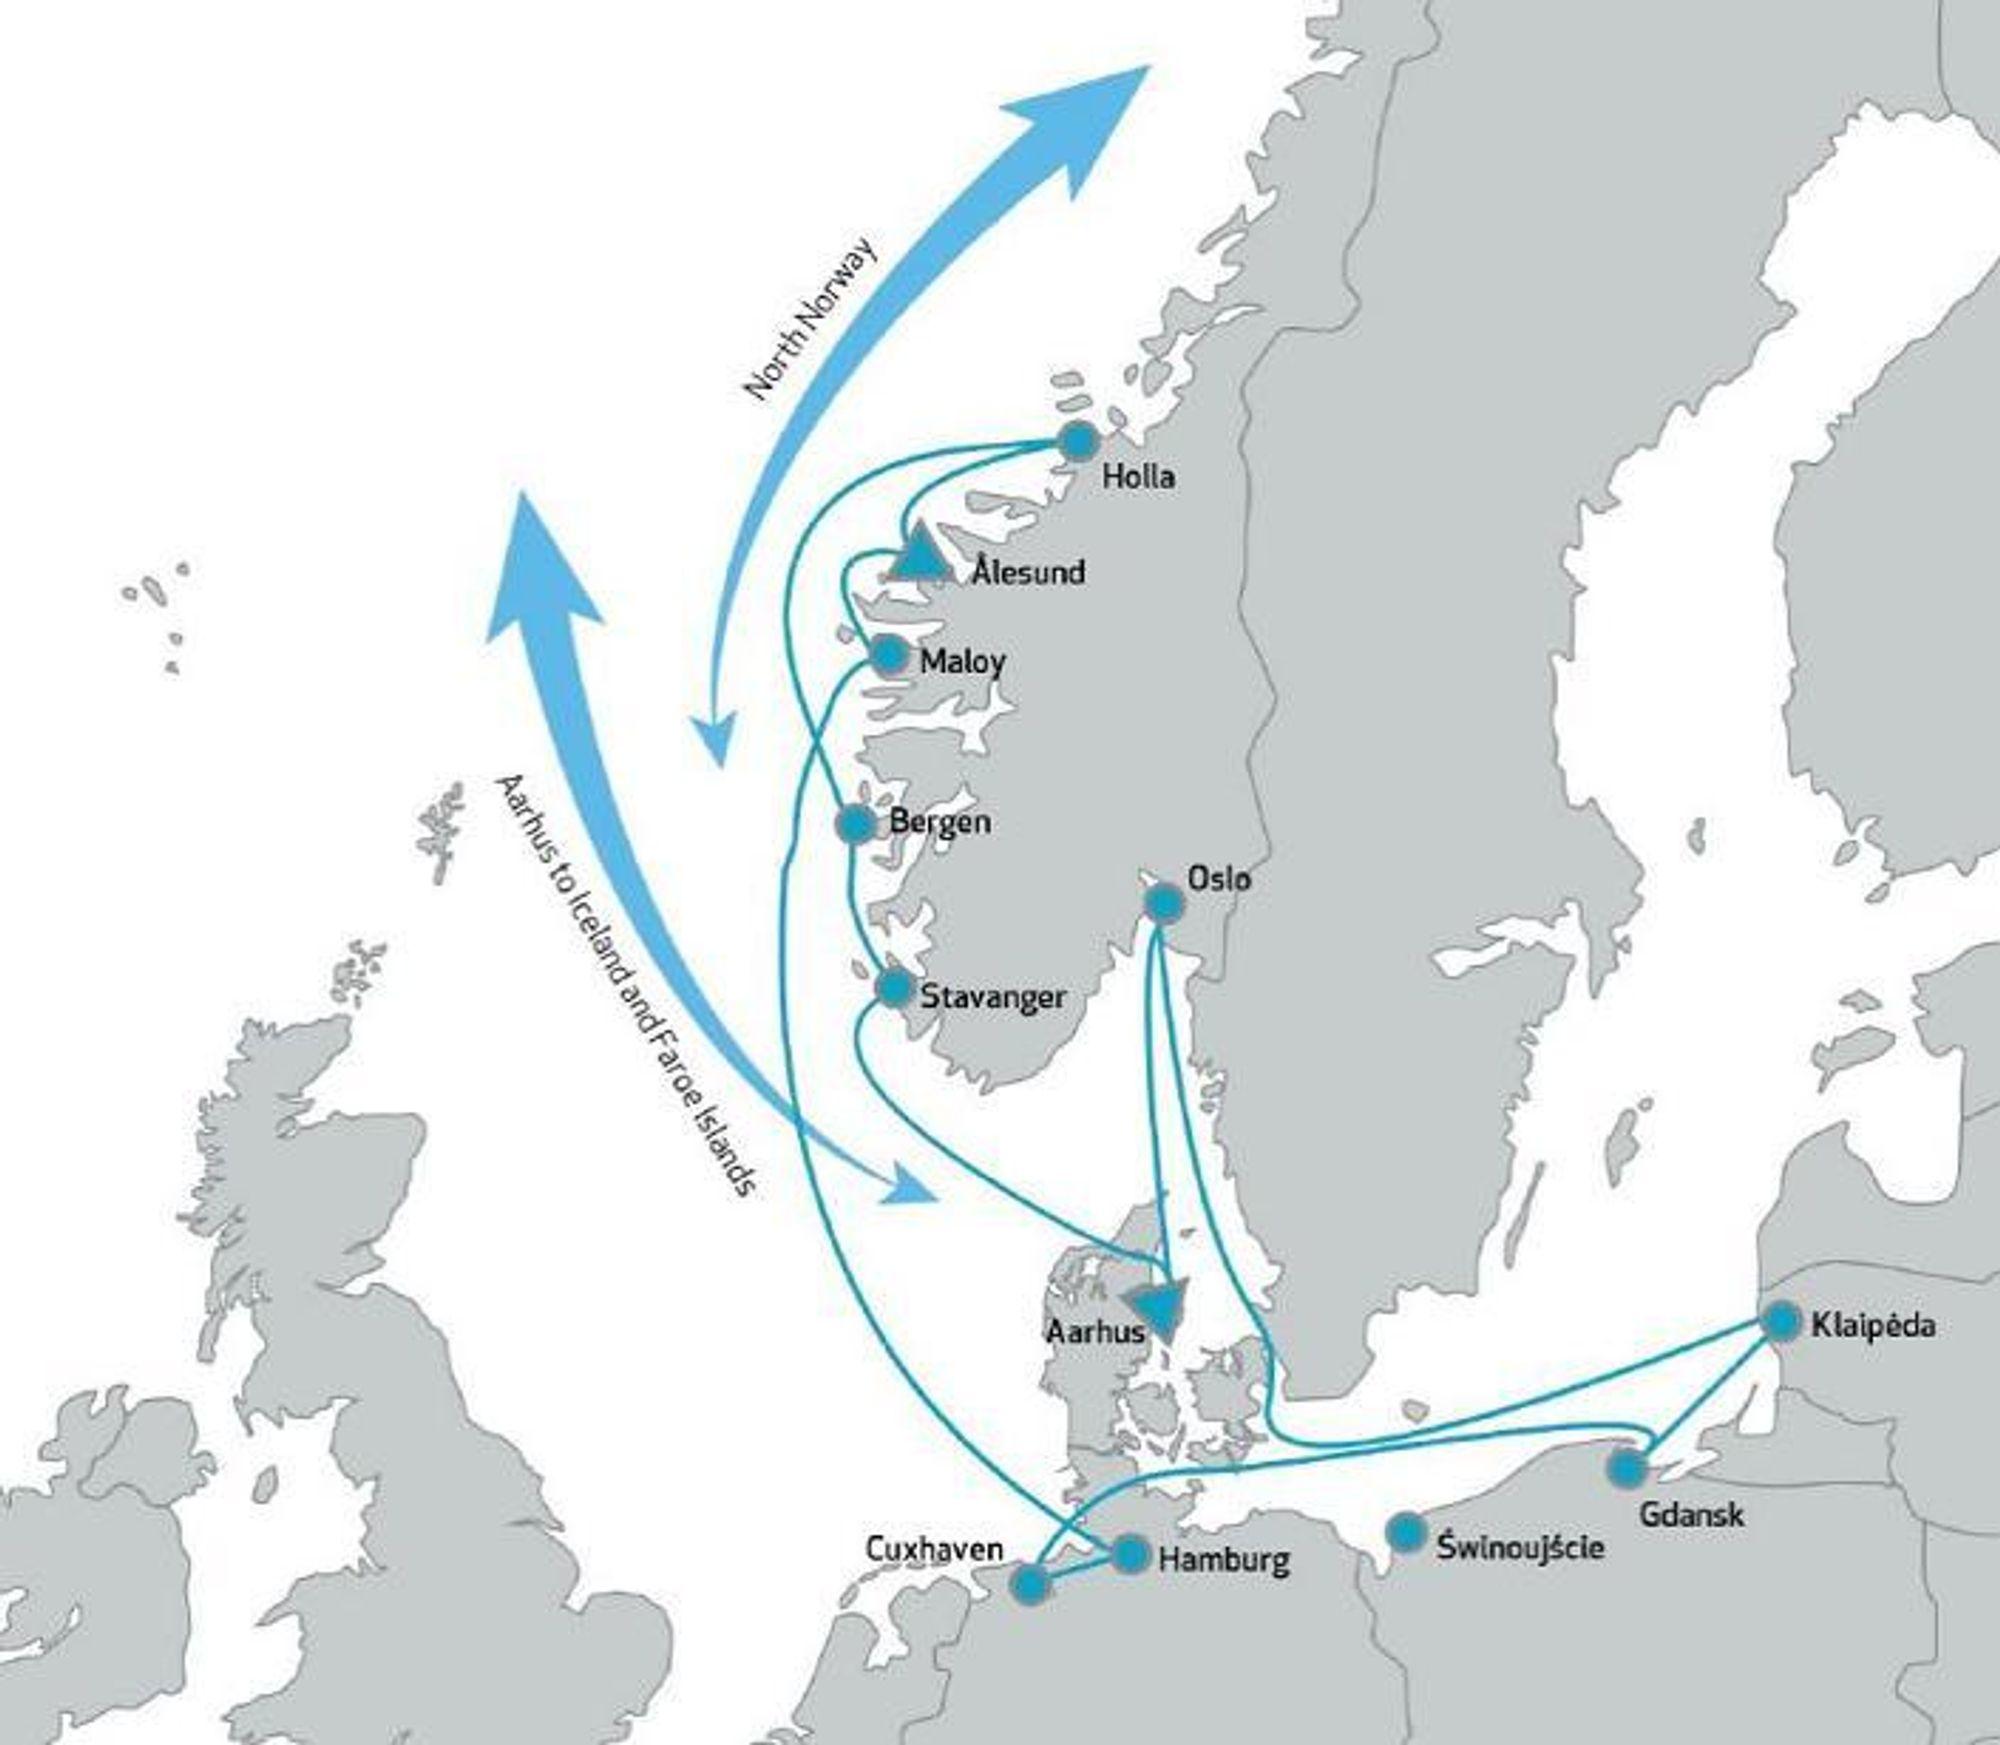 Oslo Knytter Seg Til Ost Og Vest Mtlogistikk No